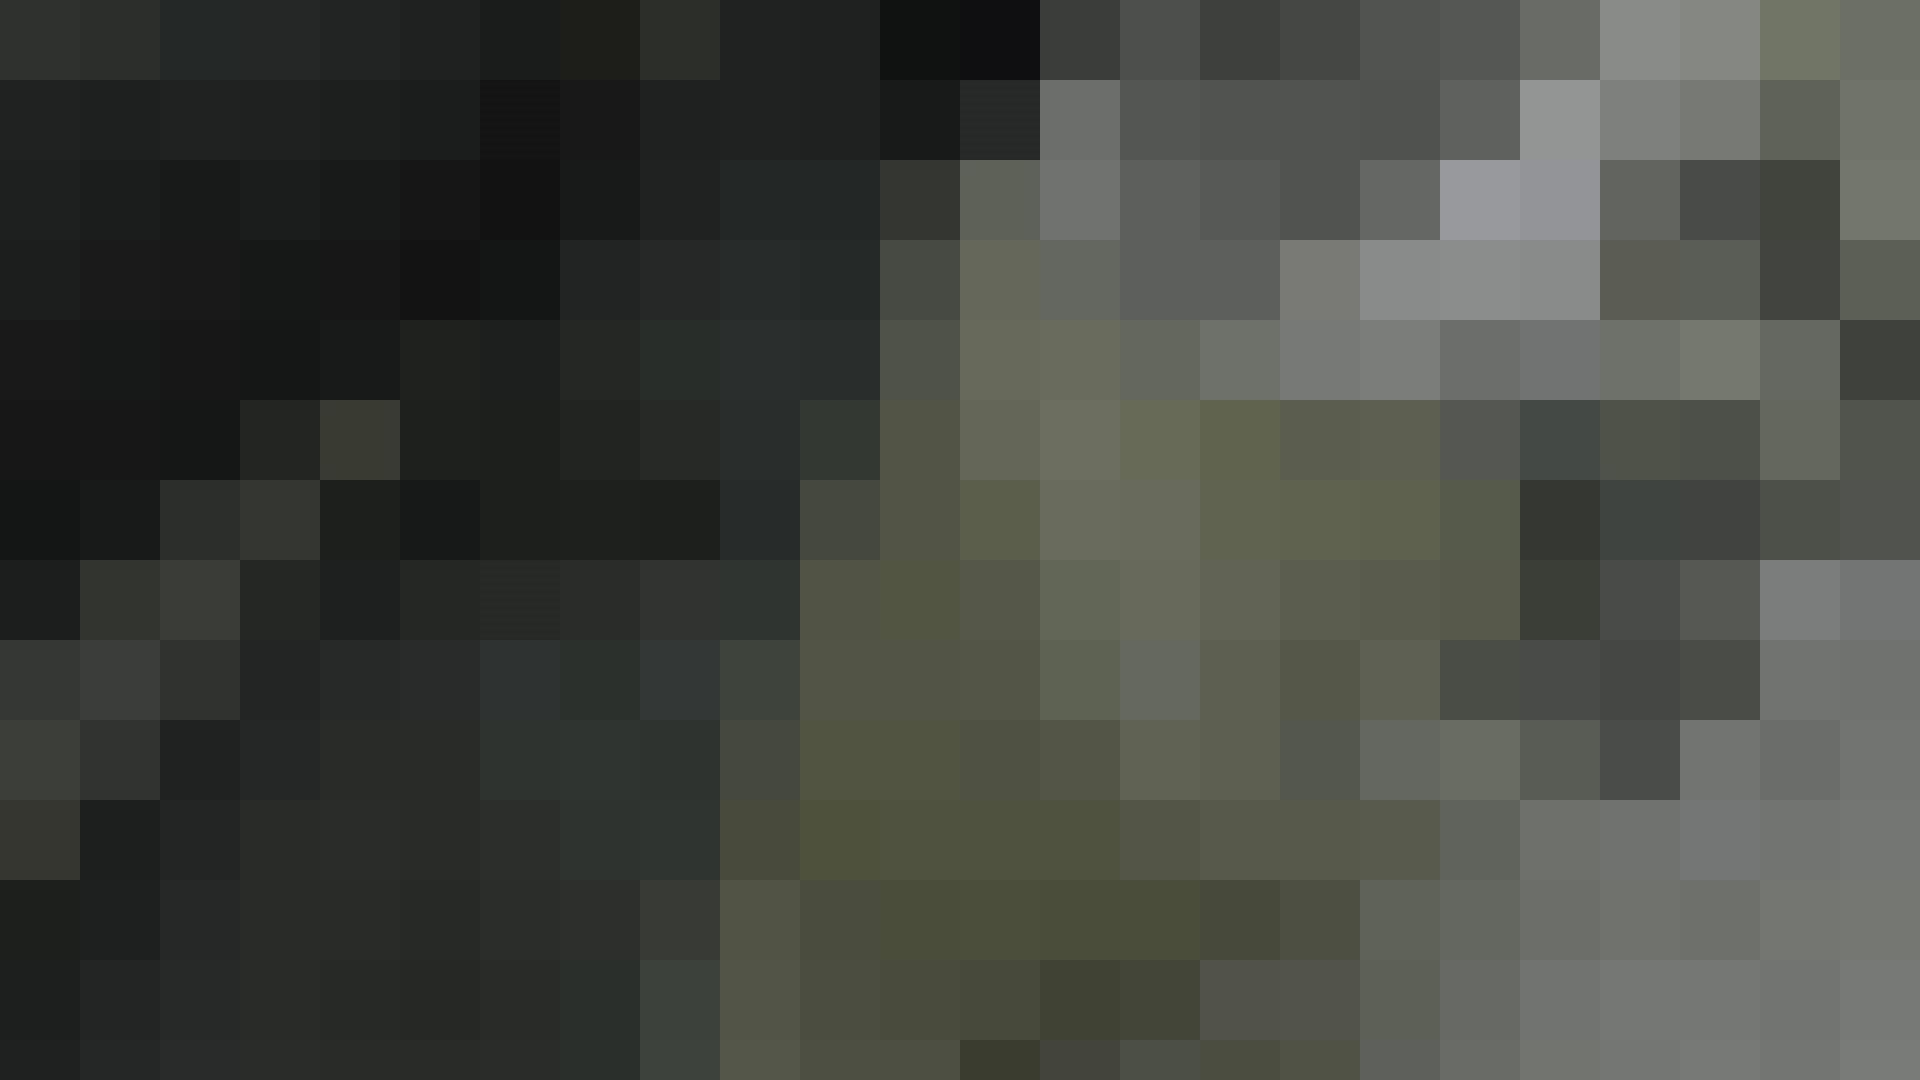 【美しき個室な世界】 vol.017 (゜∀゜) 高画質動画  38画像 6